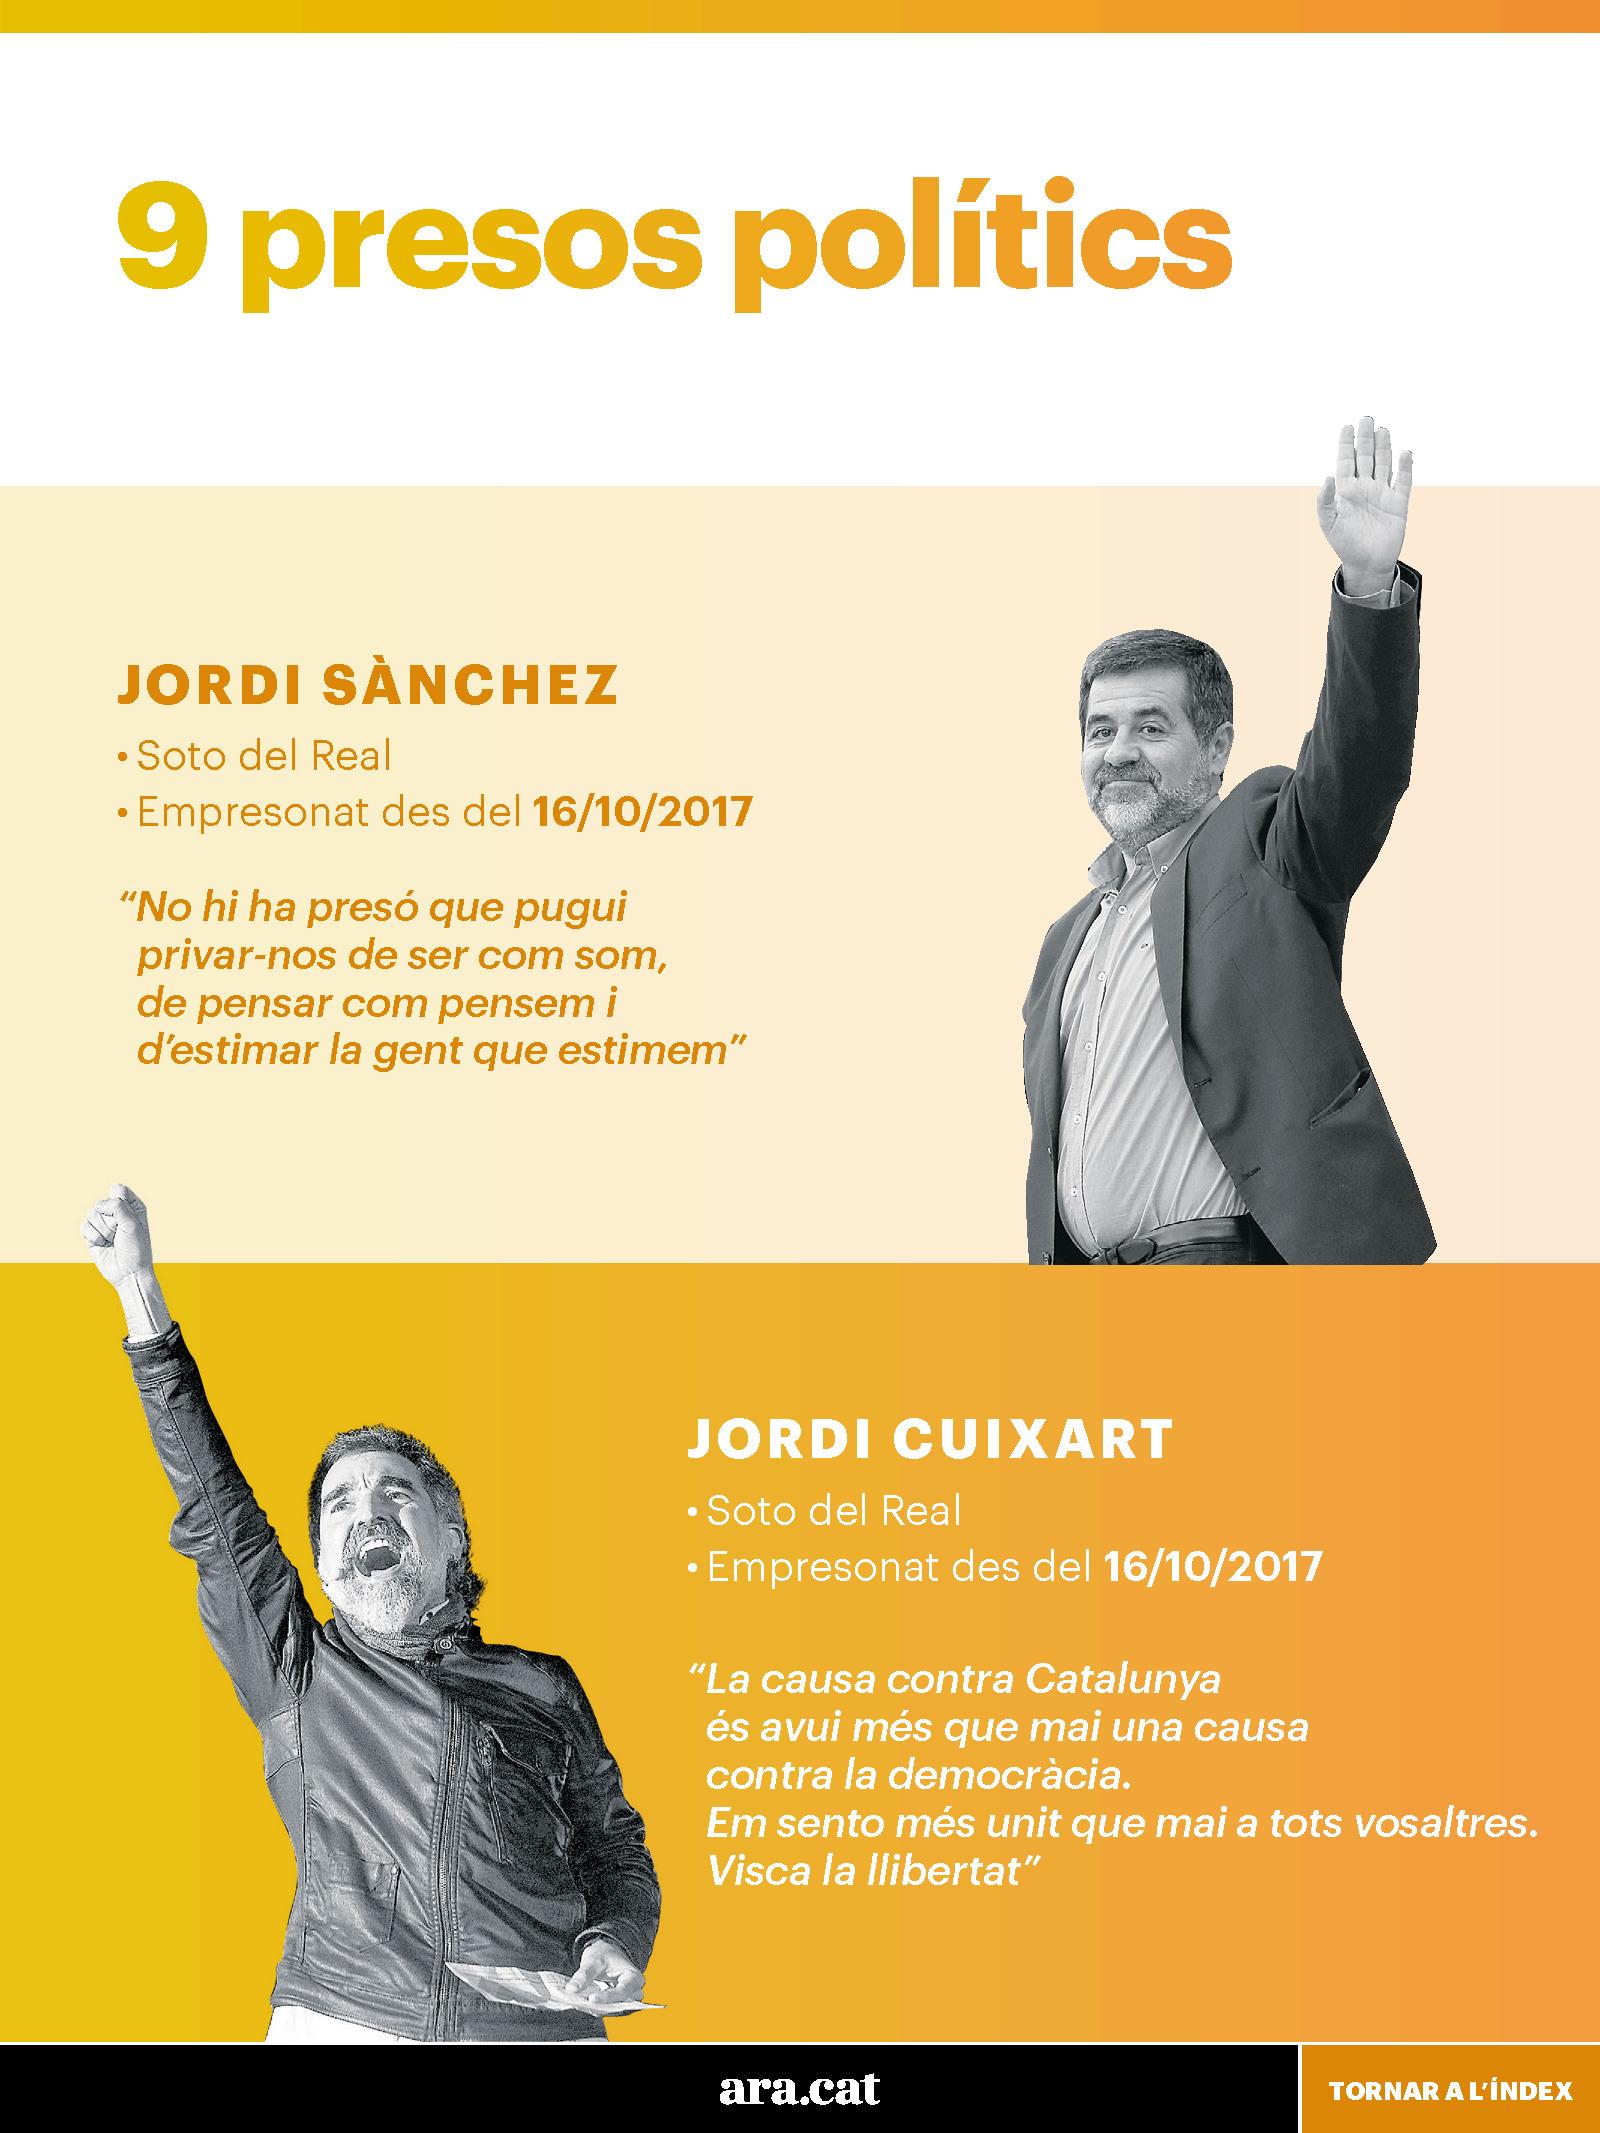 Els presos polítics del procés 3